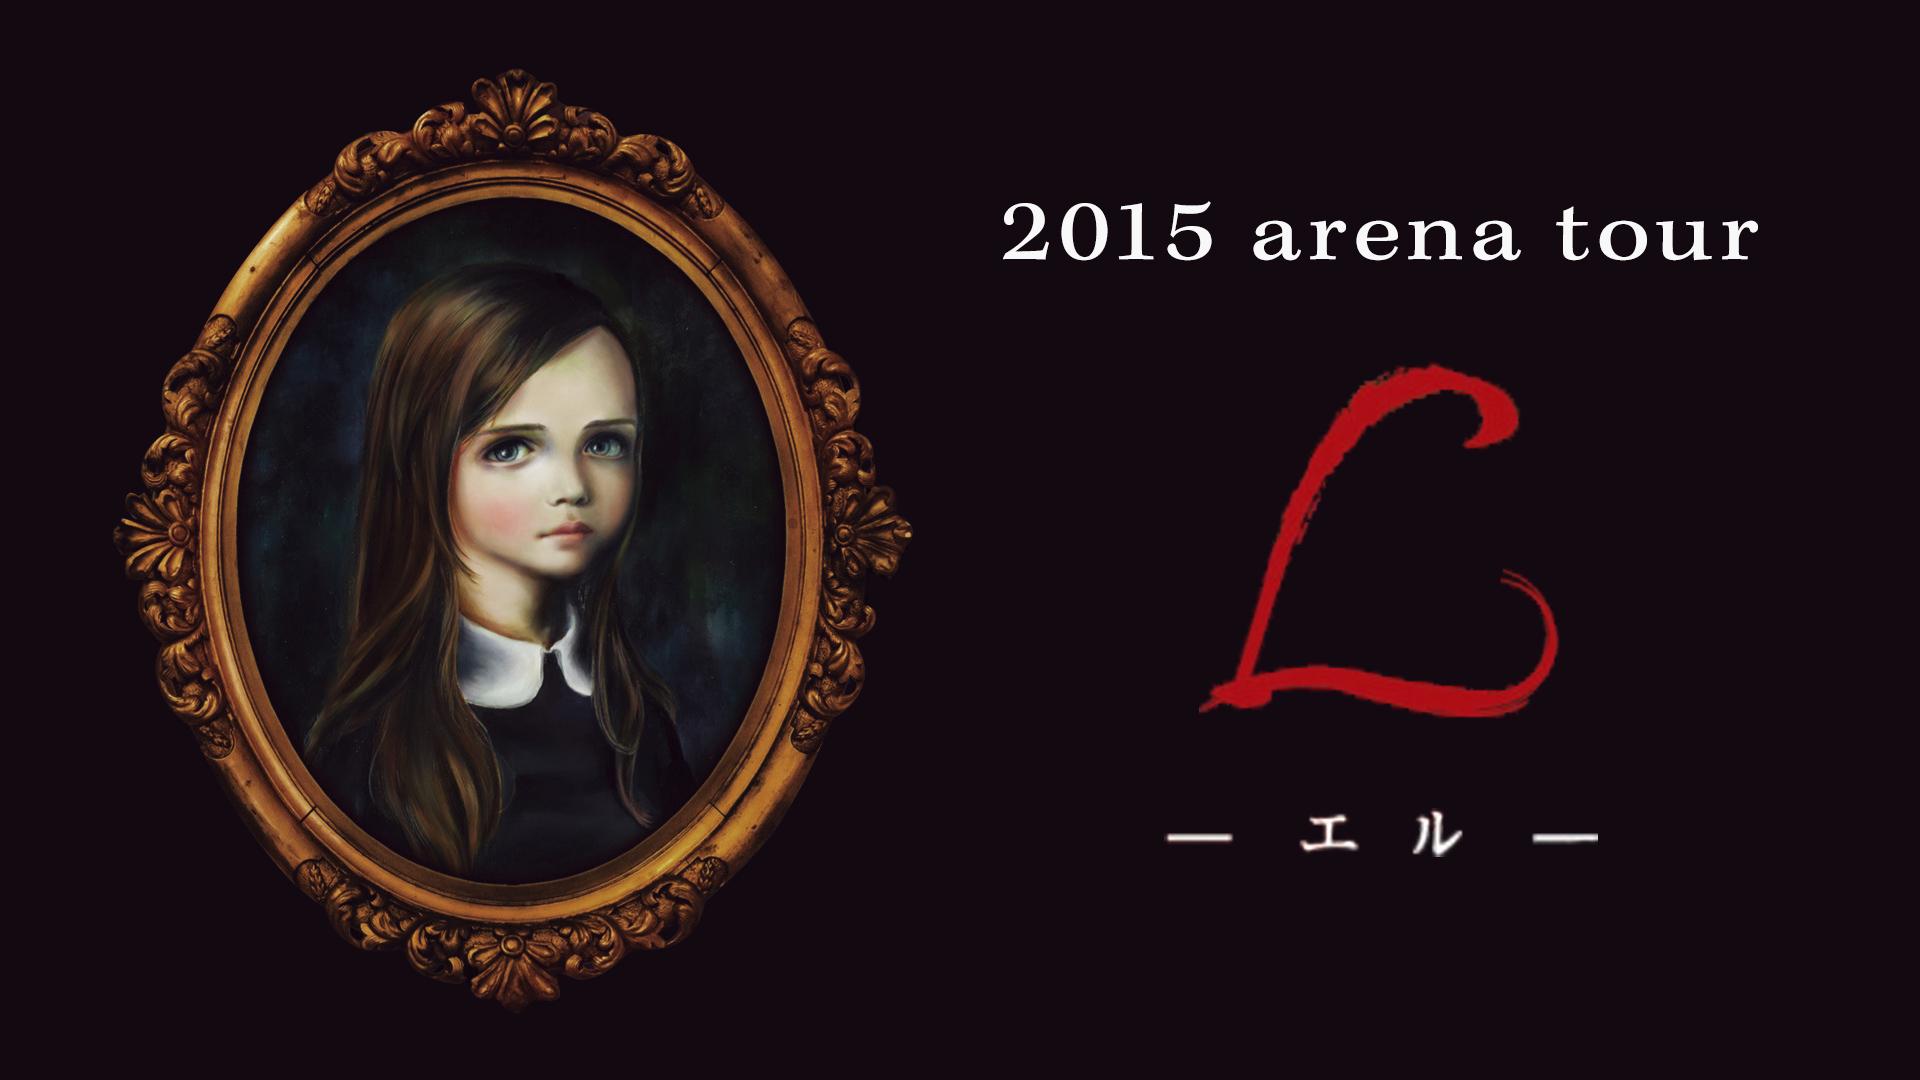 2015 arena tour L-エル-